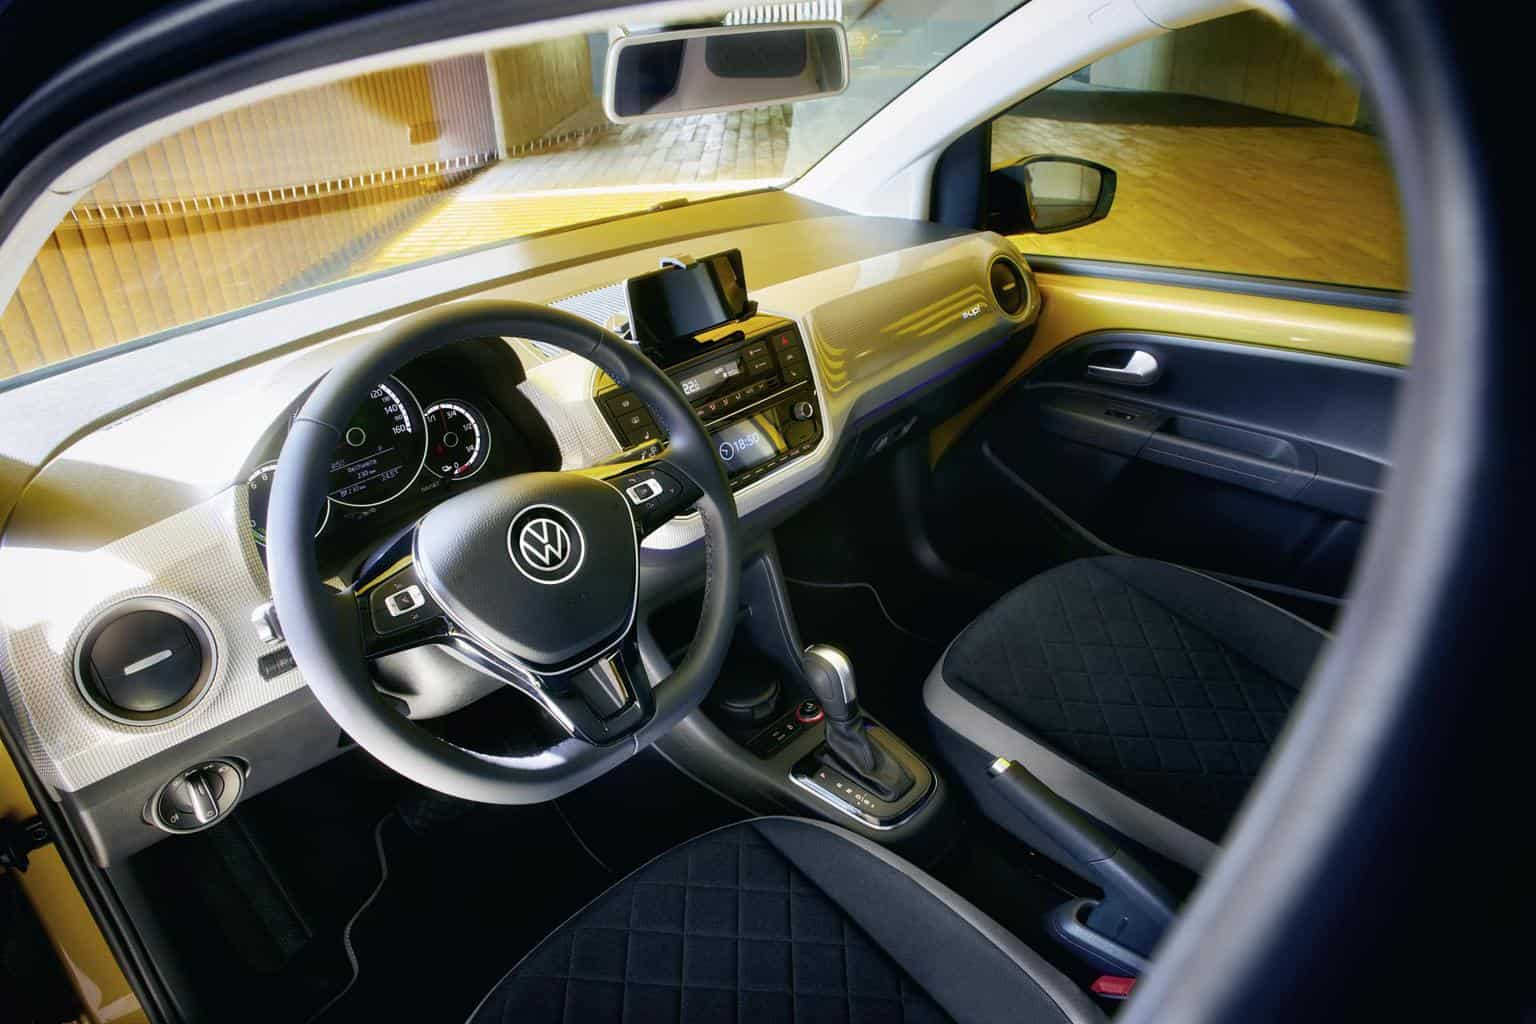 VW ID.1 als VW e-up!-Nachfolger wird erst 2025 auf die Straße kommen